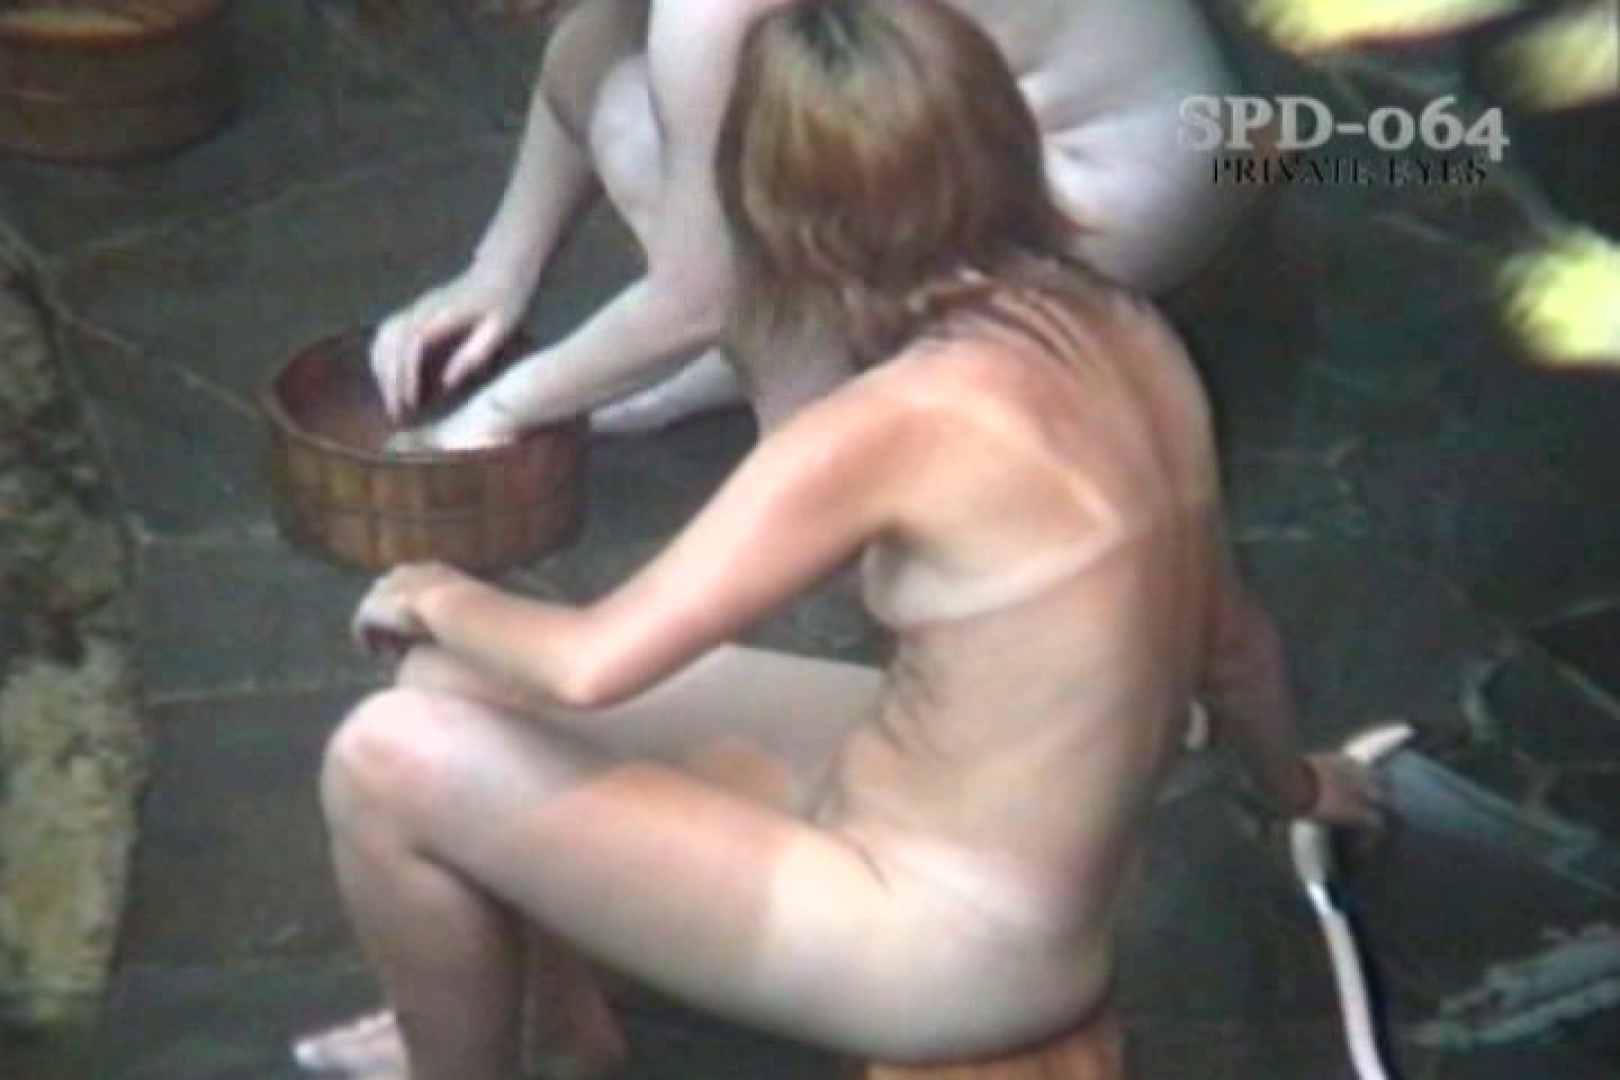 高画質版!SPD-064 盗撮 7 湯乙女の花びら 盗撮  106連発 72